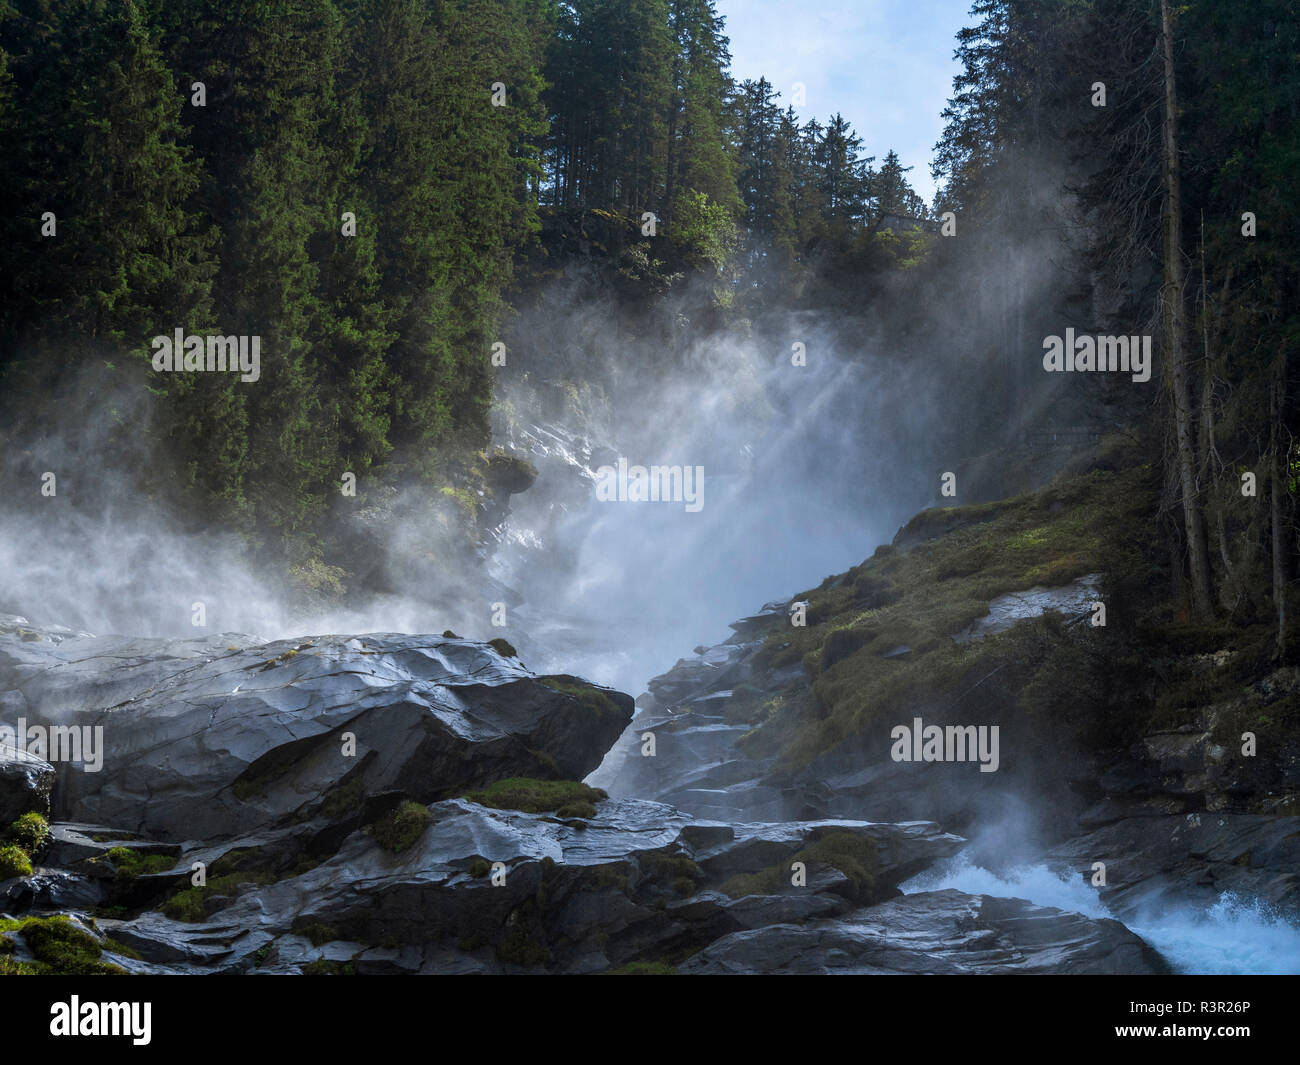 Krimmler Falls, Parque Nacional Hohe Tauern, Salzburger Land, Austria, Europa Foto de stock